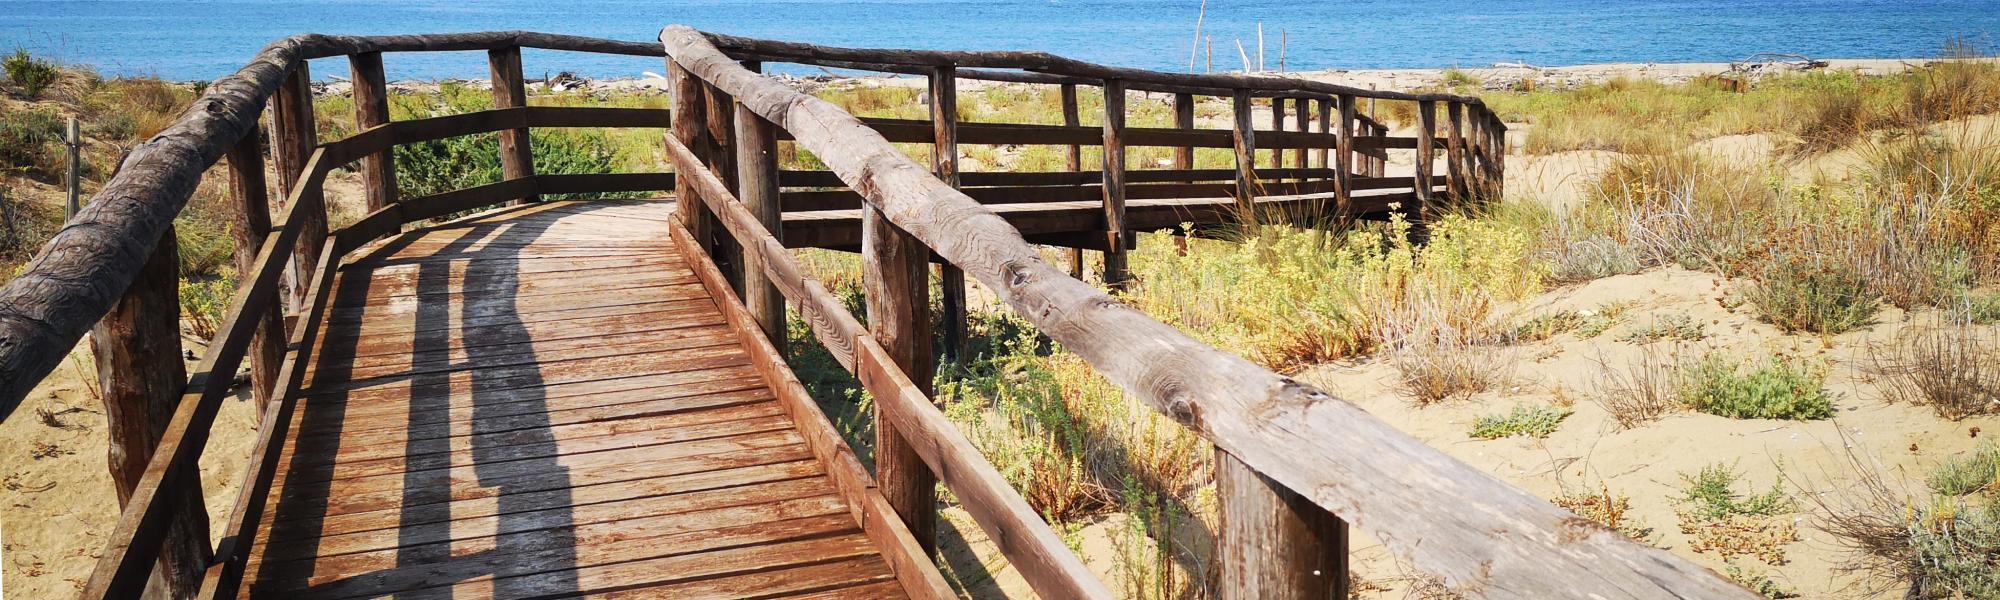 Camminamento in legno per raggiungere la spiaggia di San Rossore  (Parco Regionale di Migliarino, San Rossore, Massaciuccoli)